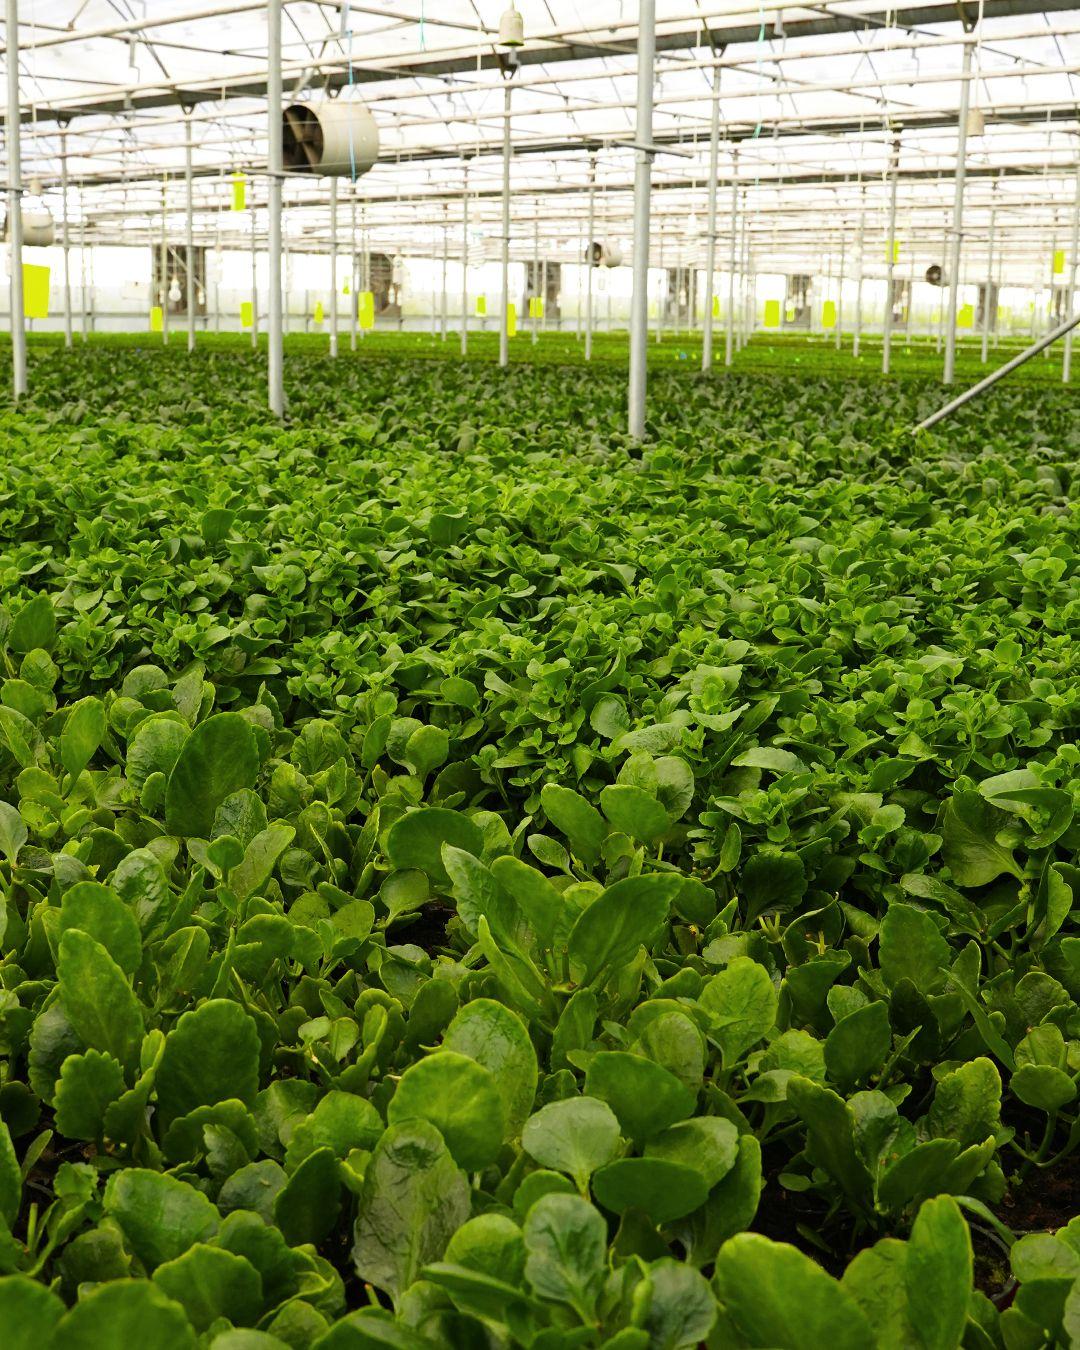 Kalanchoe üretimi... #gardenkoala #kalanchoe #bitki #bitkibakım #çiçekbakımı #süsleme #çiçeksüsleme #gelinbuketi #organizasyon #ticaret #ihraacat #ithalat #türkiye #yerli #tarım #sera #çiçekyetiştirme #evdekorasyon #dekorasyon